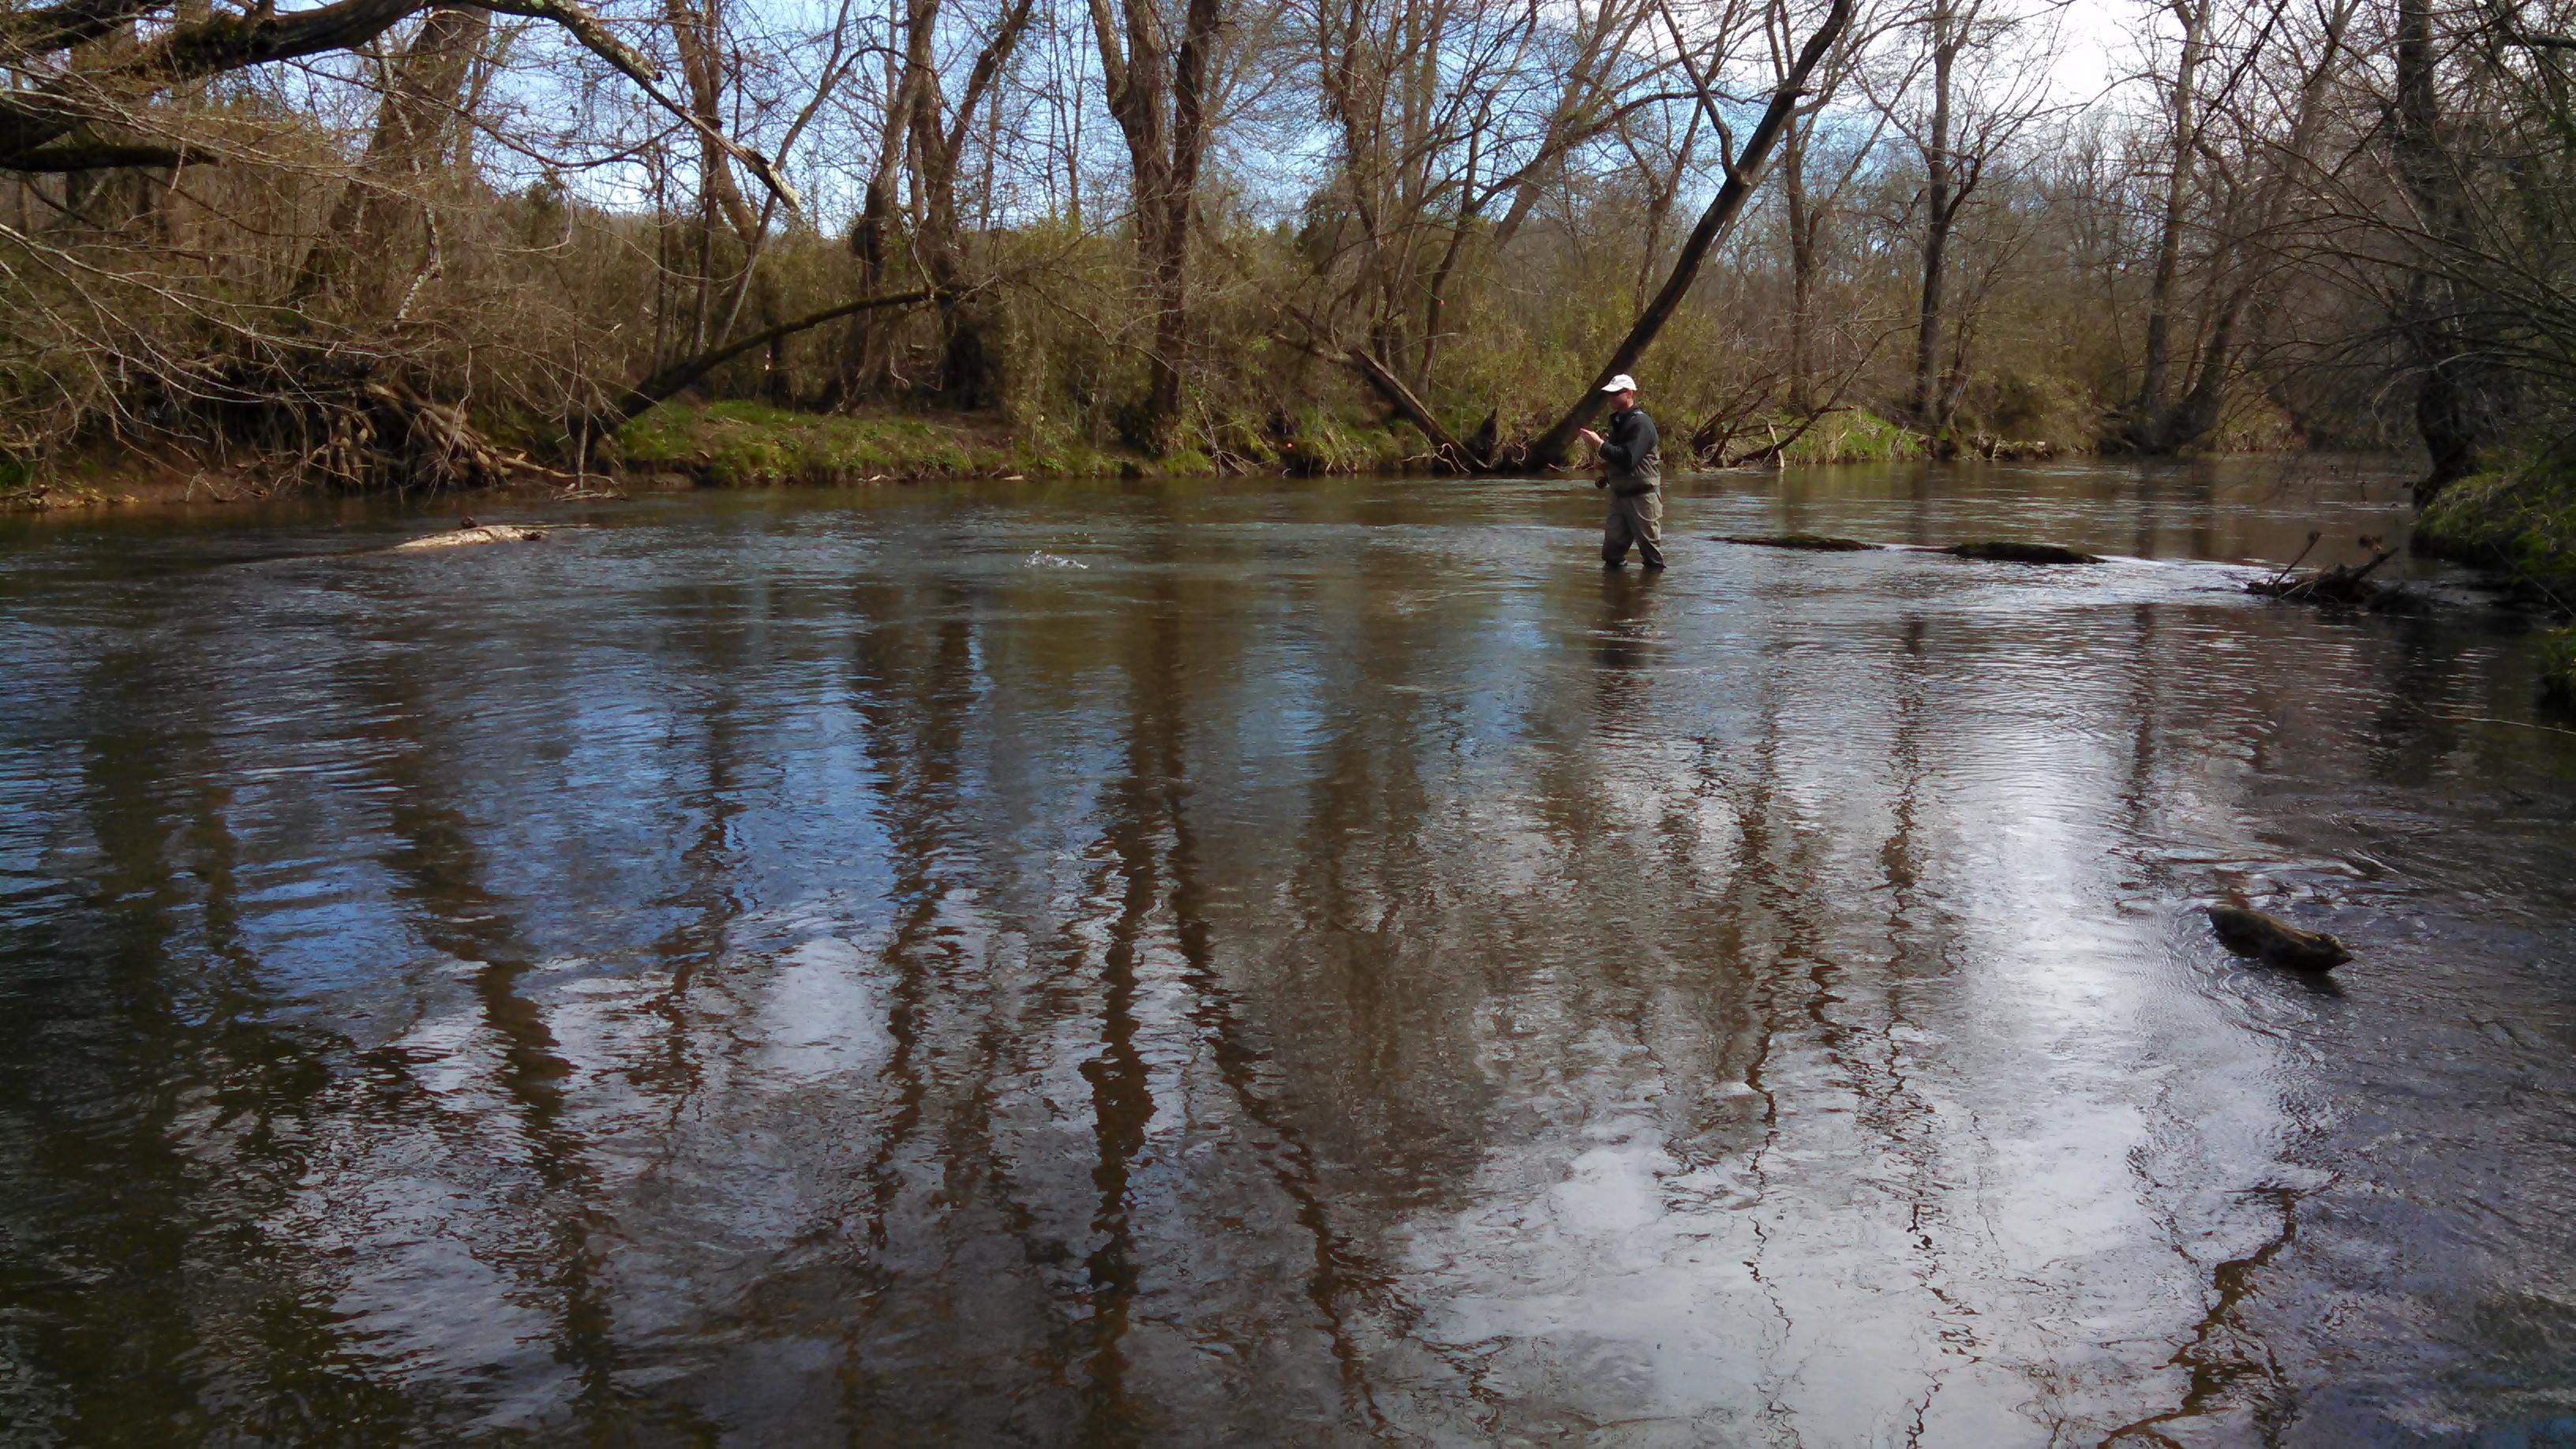 Reel'em In Guide Service : Public Waters Trips